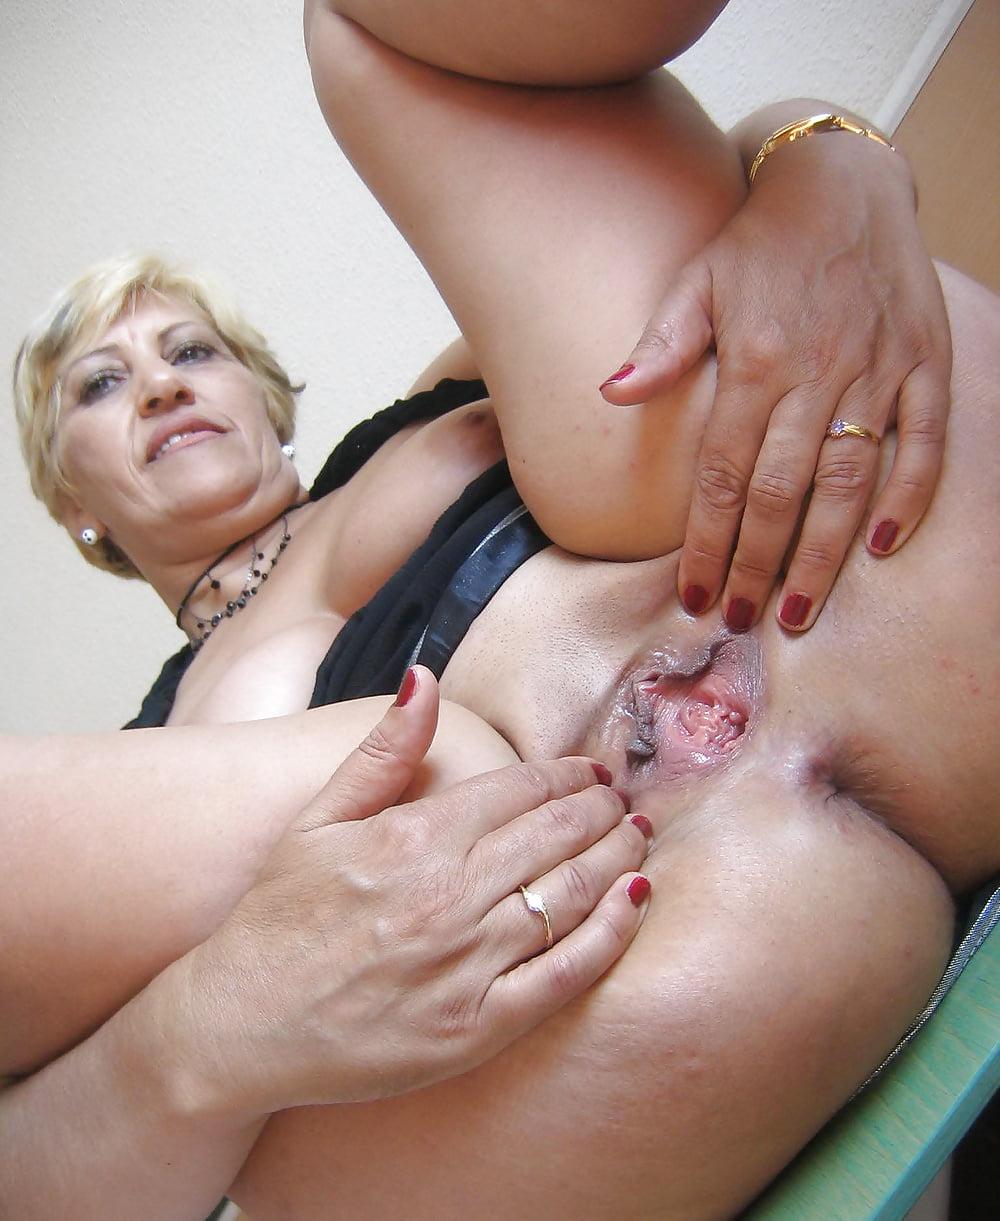 Частное порно фото зрелых клитор лесли зен порно